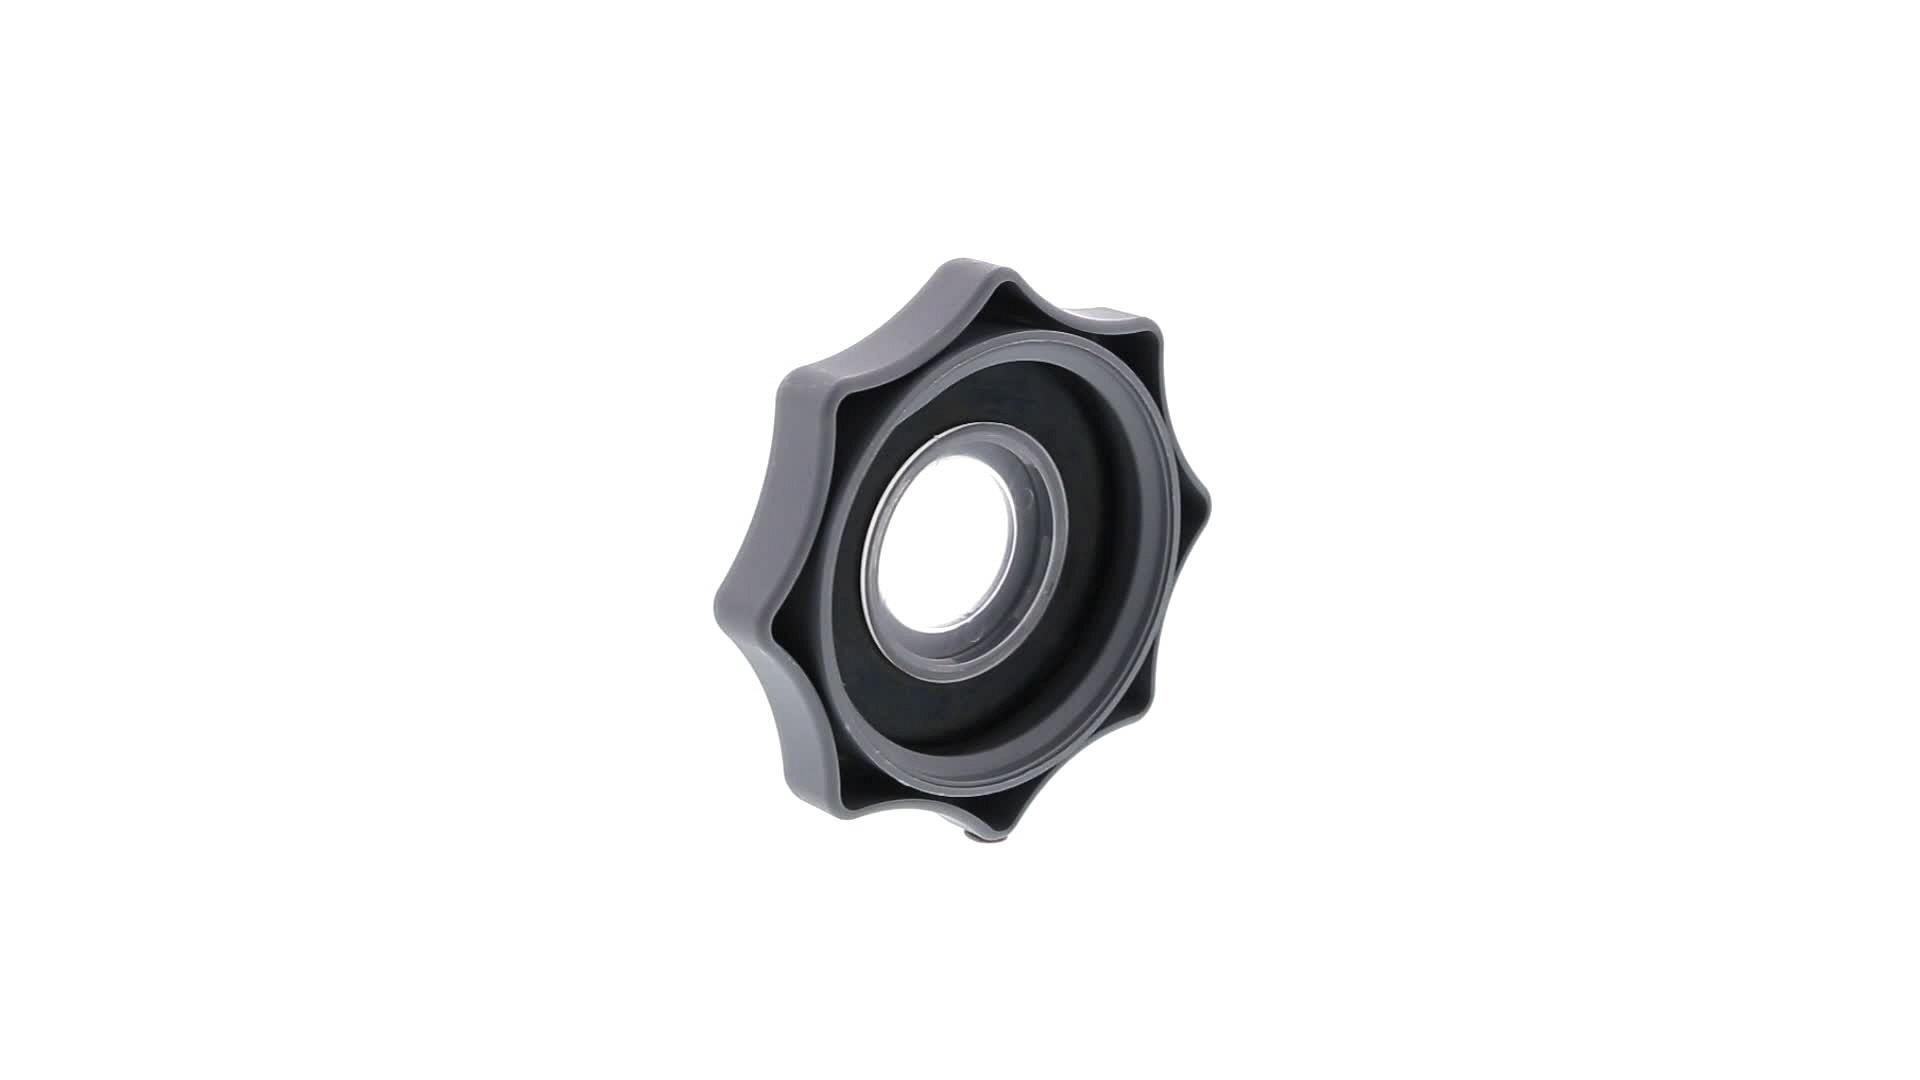 BOUCHON Lave-Vaisselle BAC A SEL 84mm GRIS FONCE - 2